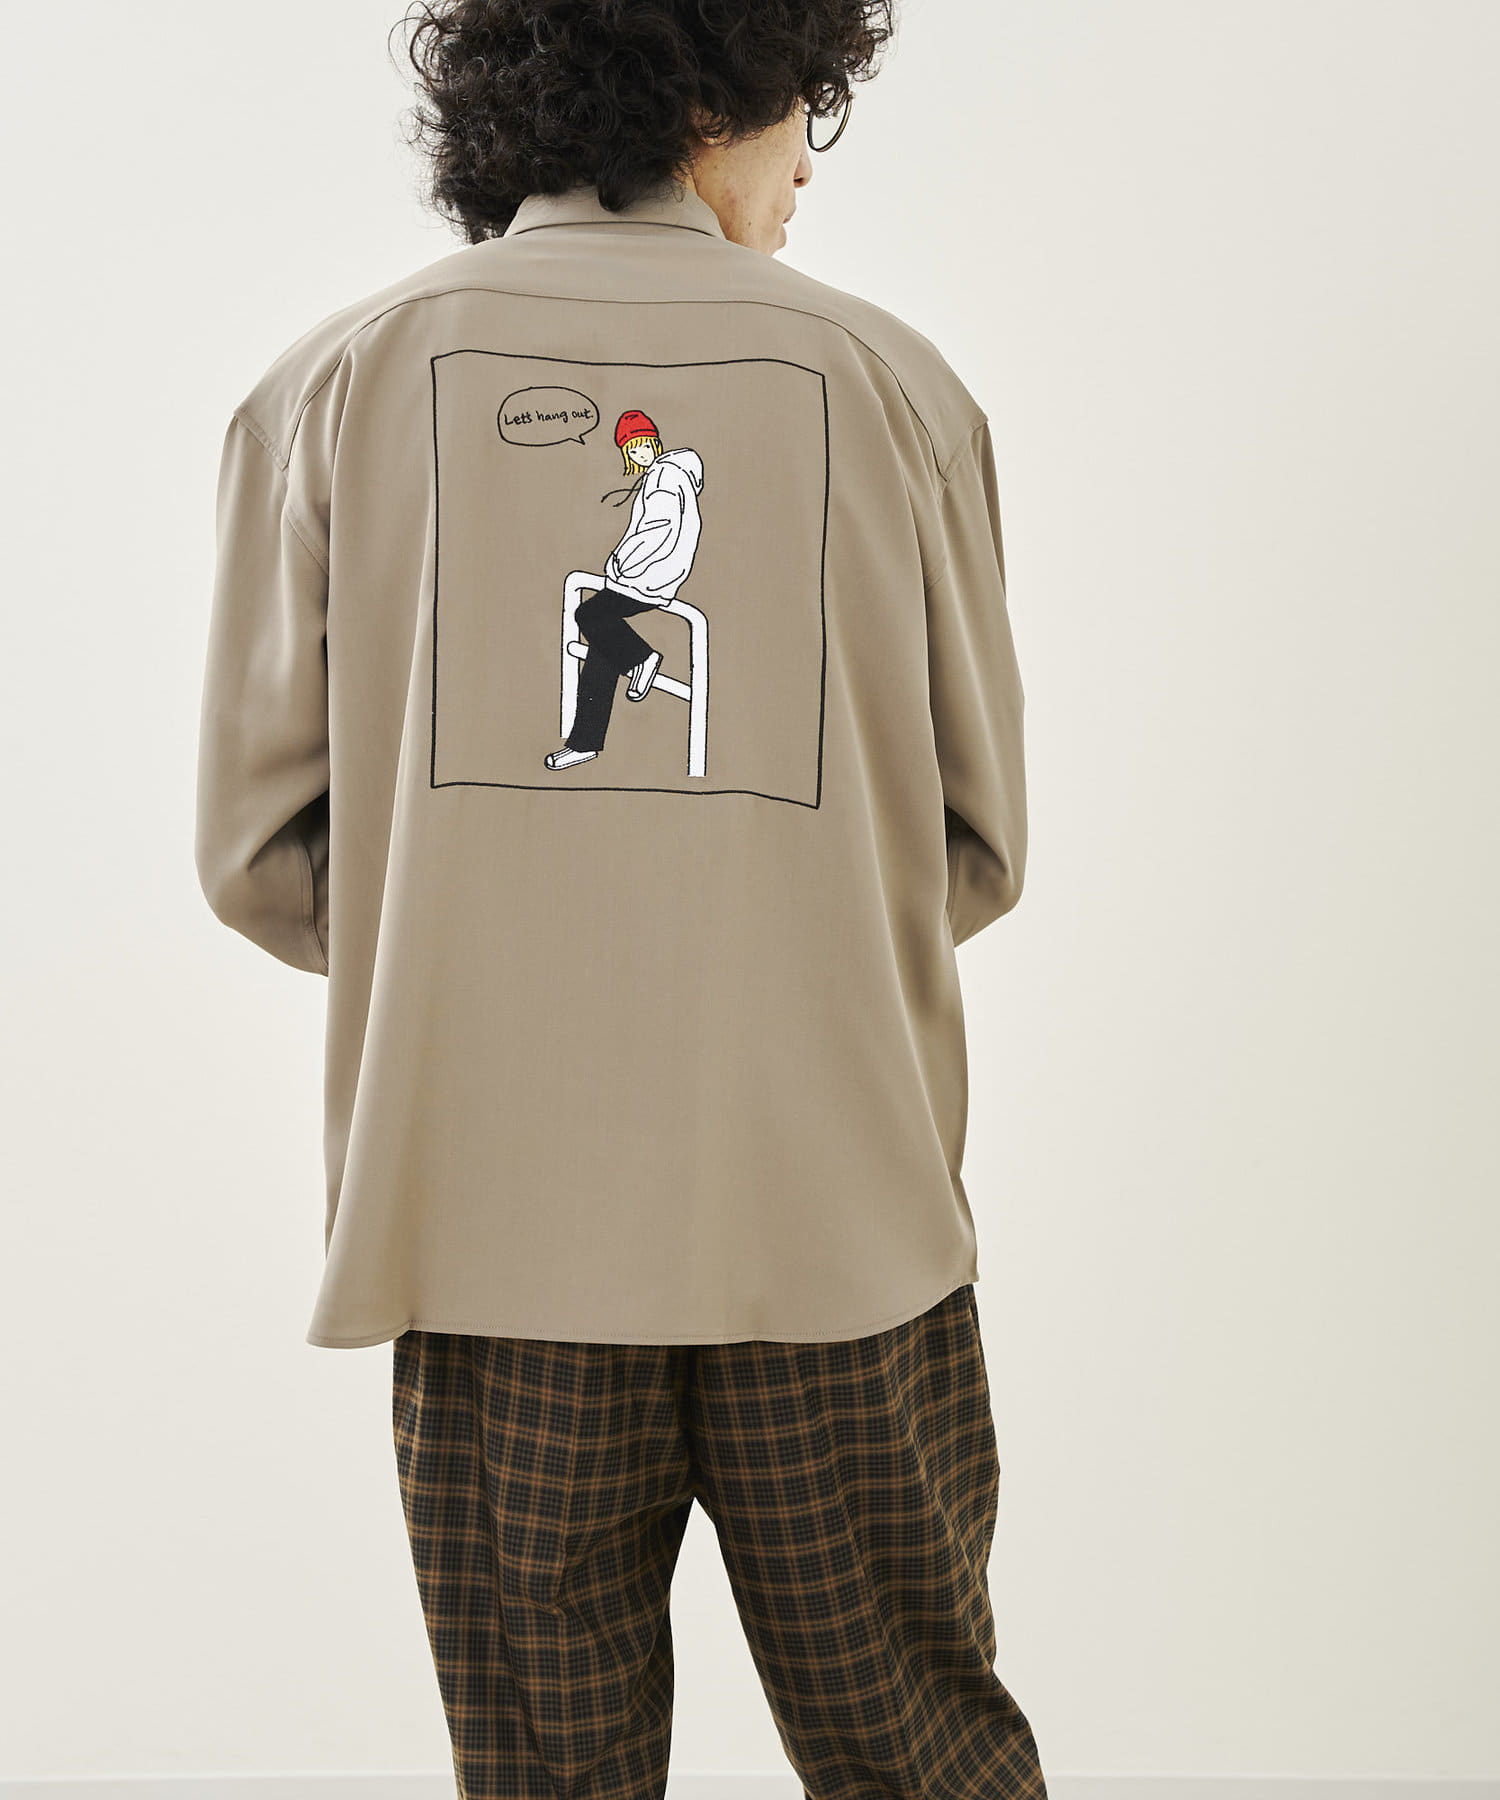 CPCM(シーピーシーエム) 21AWバックガール刺繍シャツ